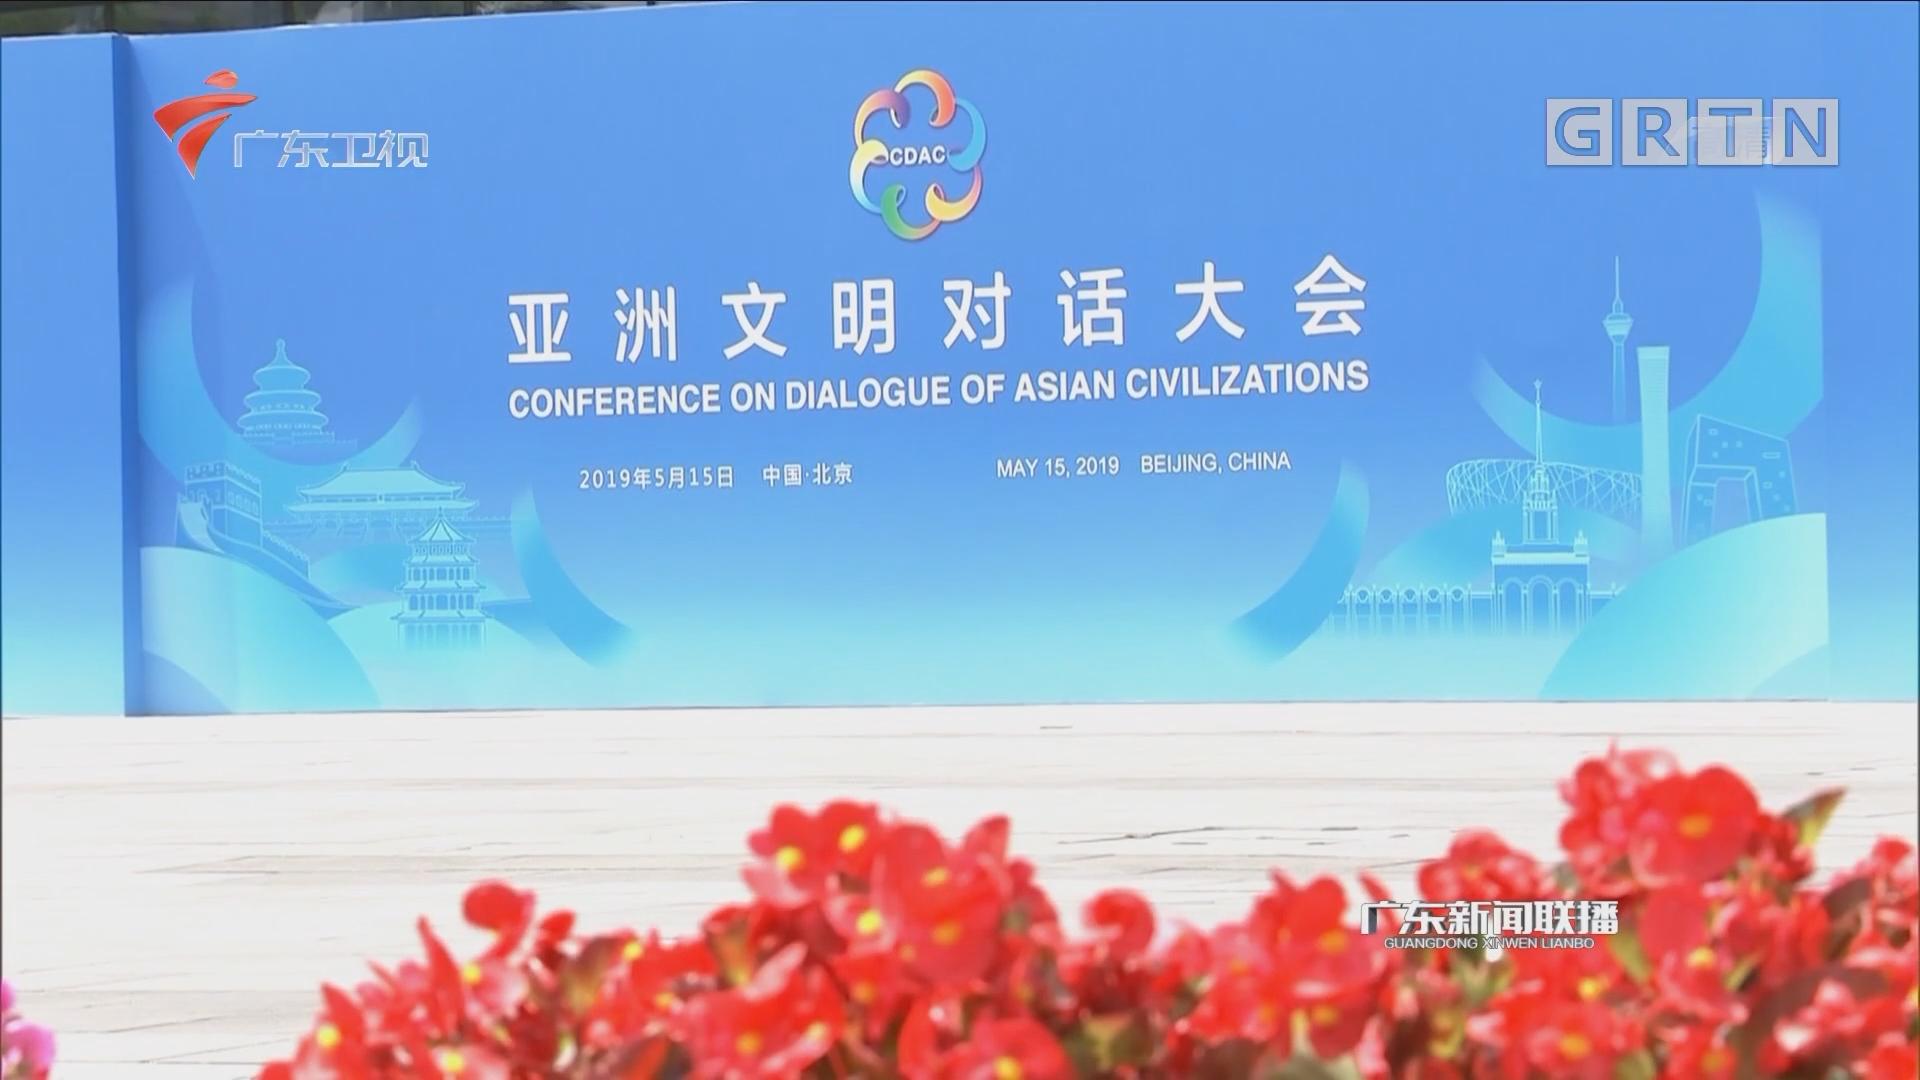 习近平在亚洲文明对话大会上主旨演讲引发热议